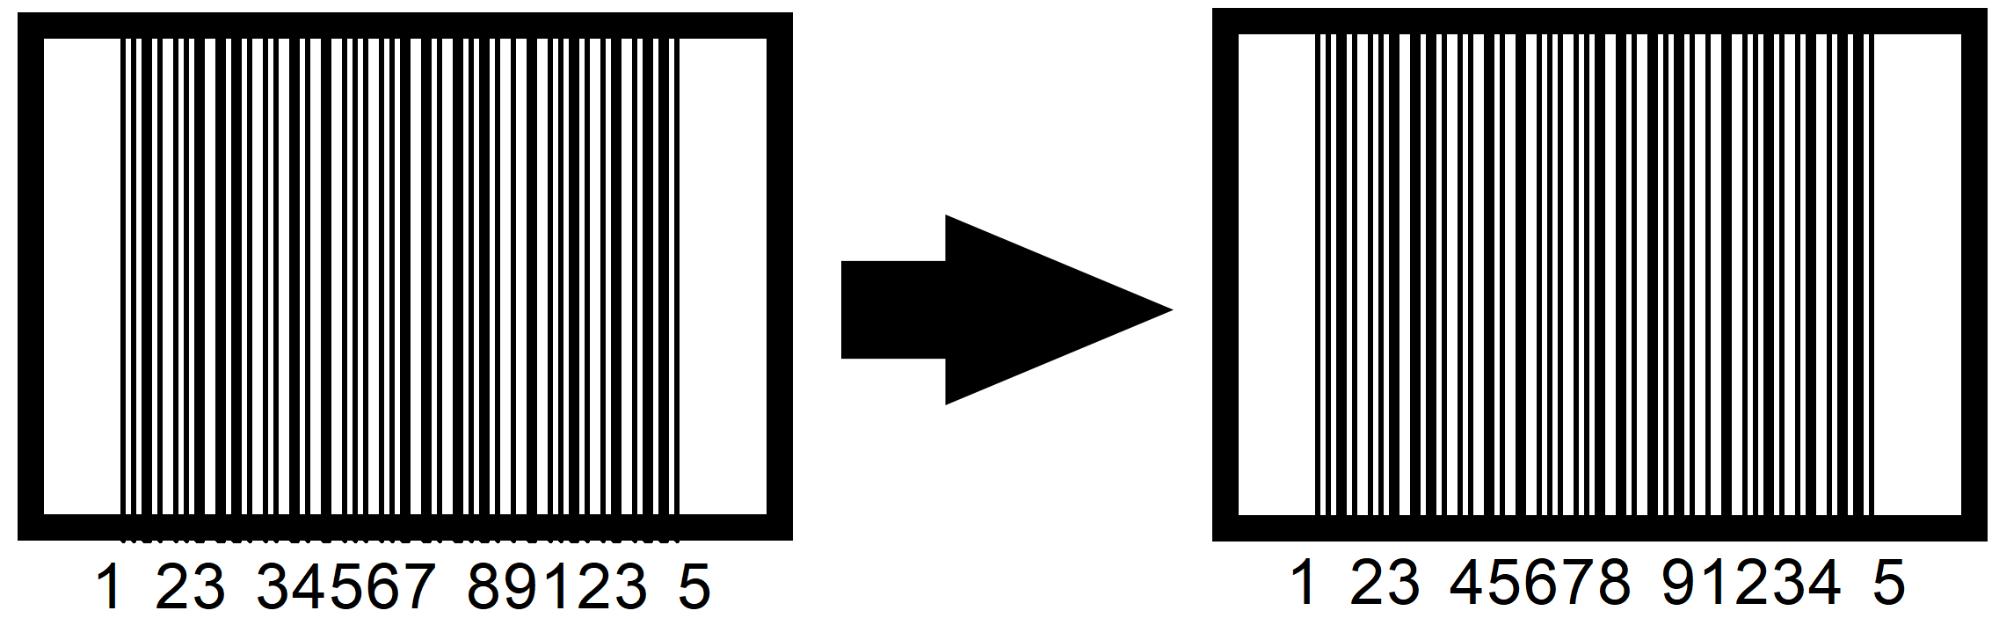 Código de barras corregido